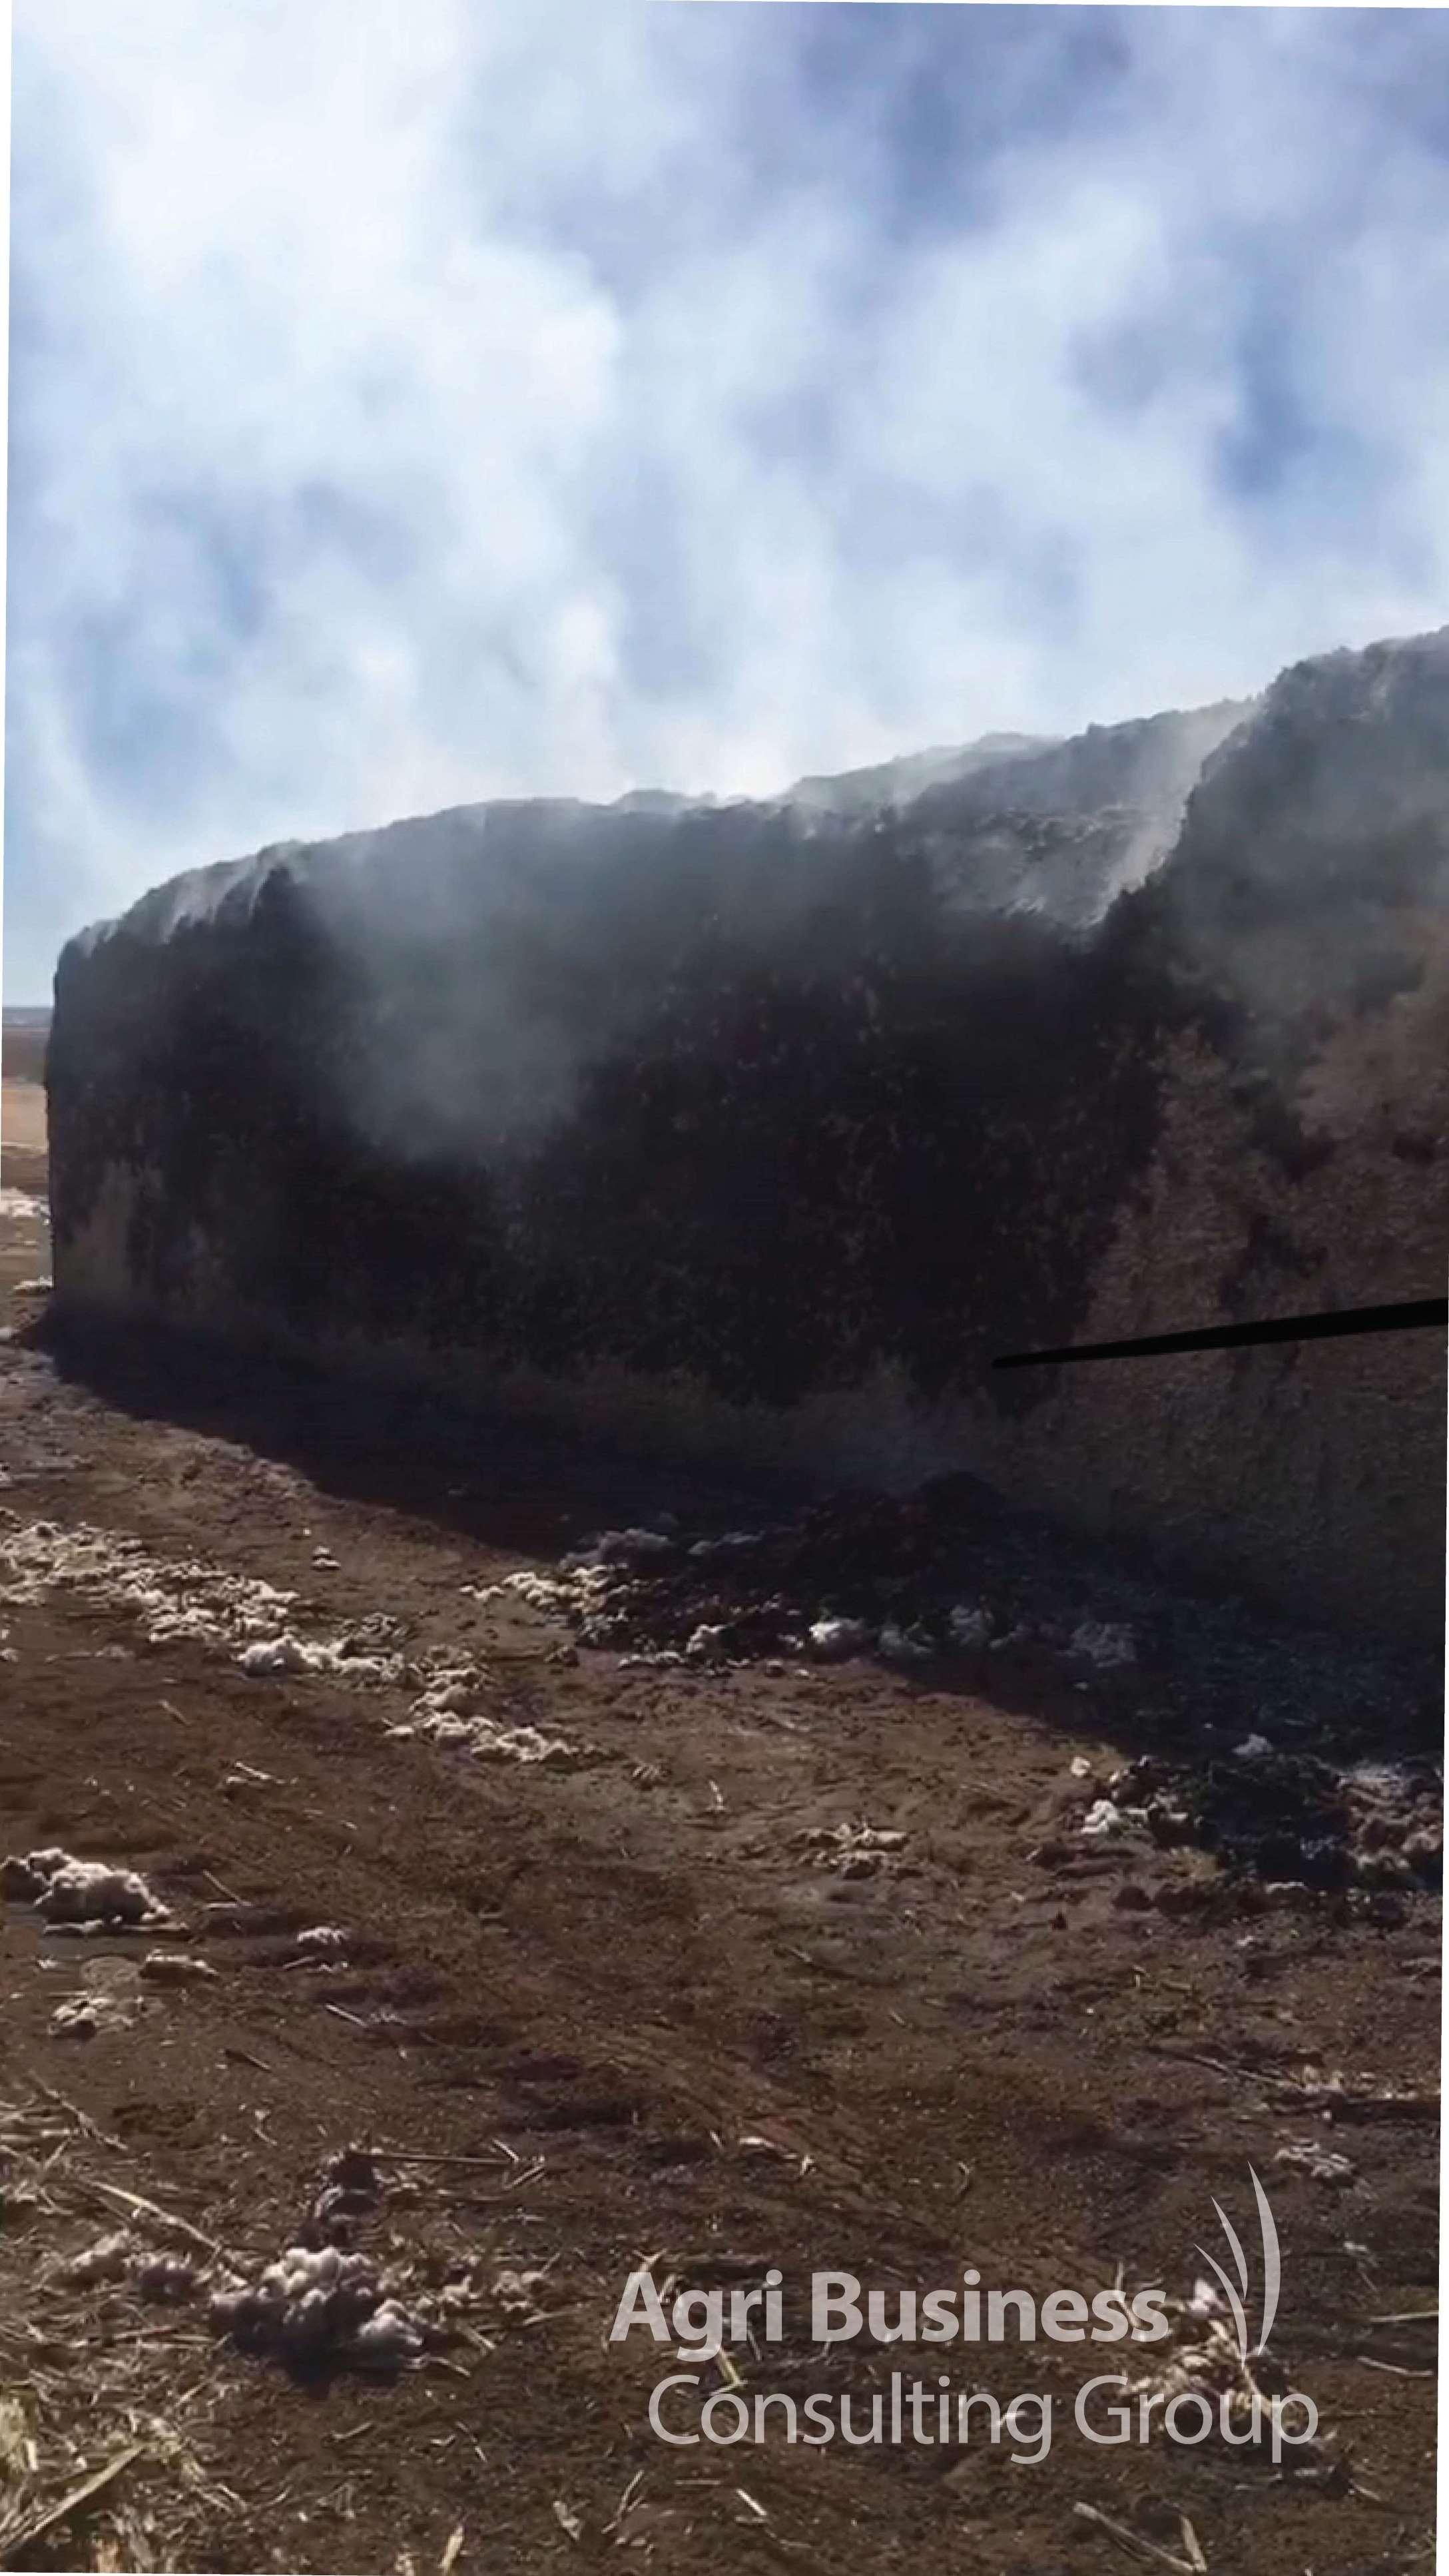 Cotton Module ignited from Cotton Picker Choke - Jondaryan, QLD